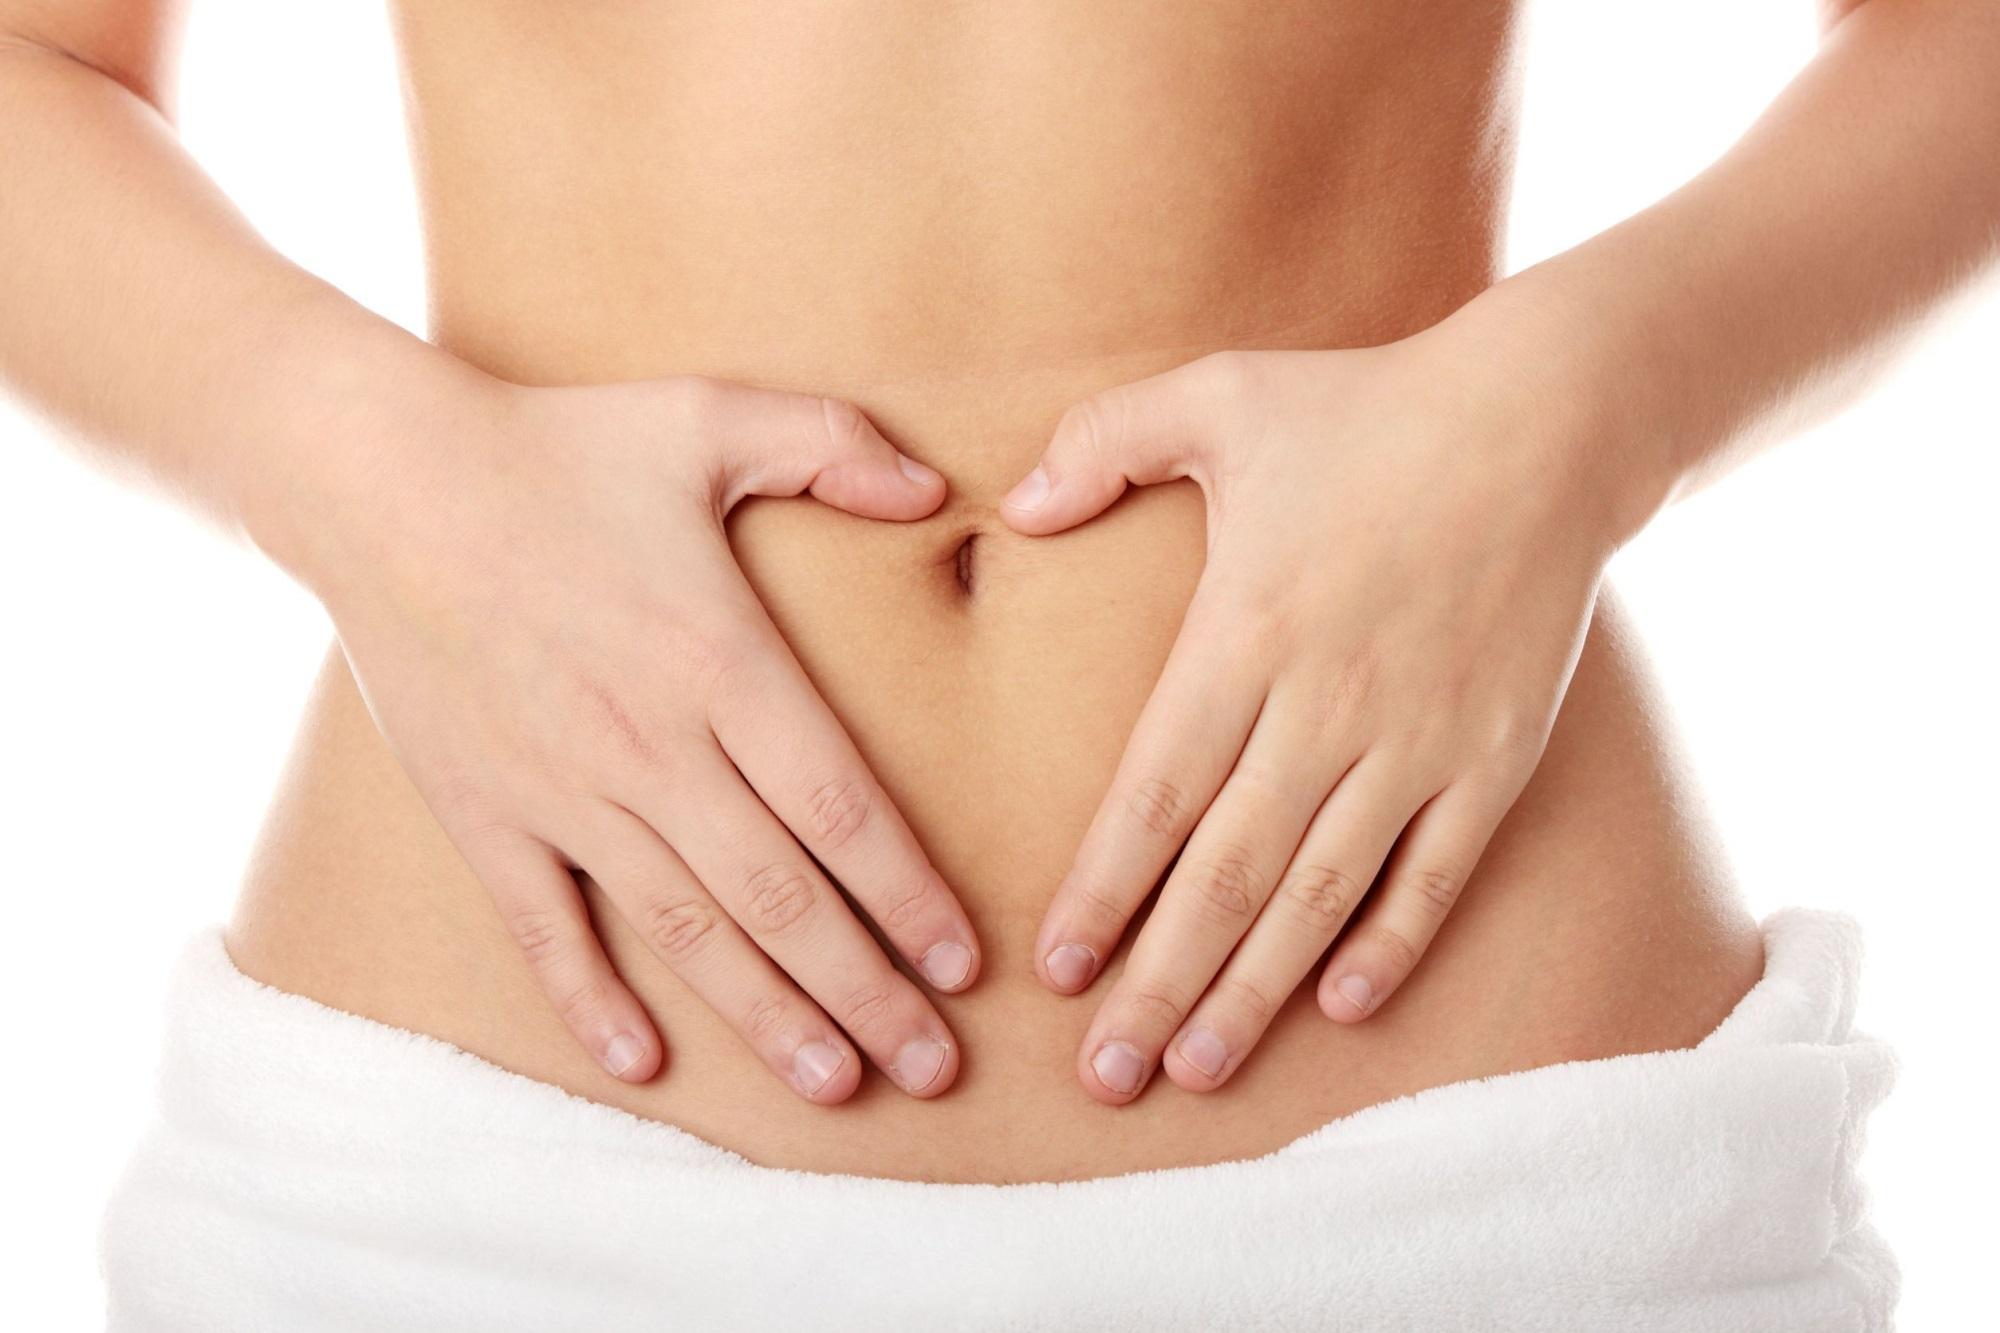 Ăn củ cải đường thường xuyên giúp hỗ trợ hệ tiêu hóa khỏe mạnh